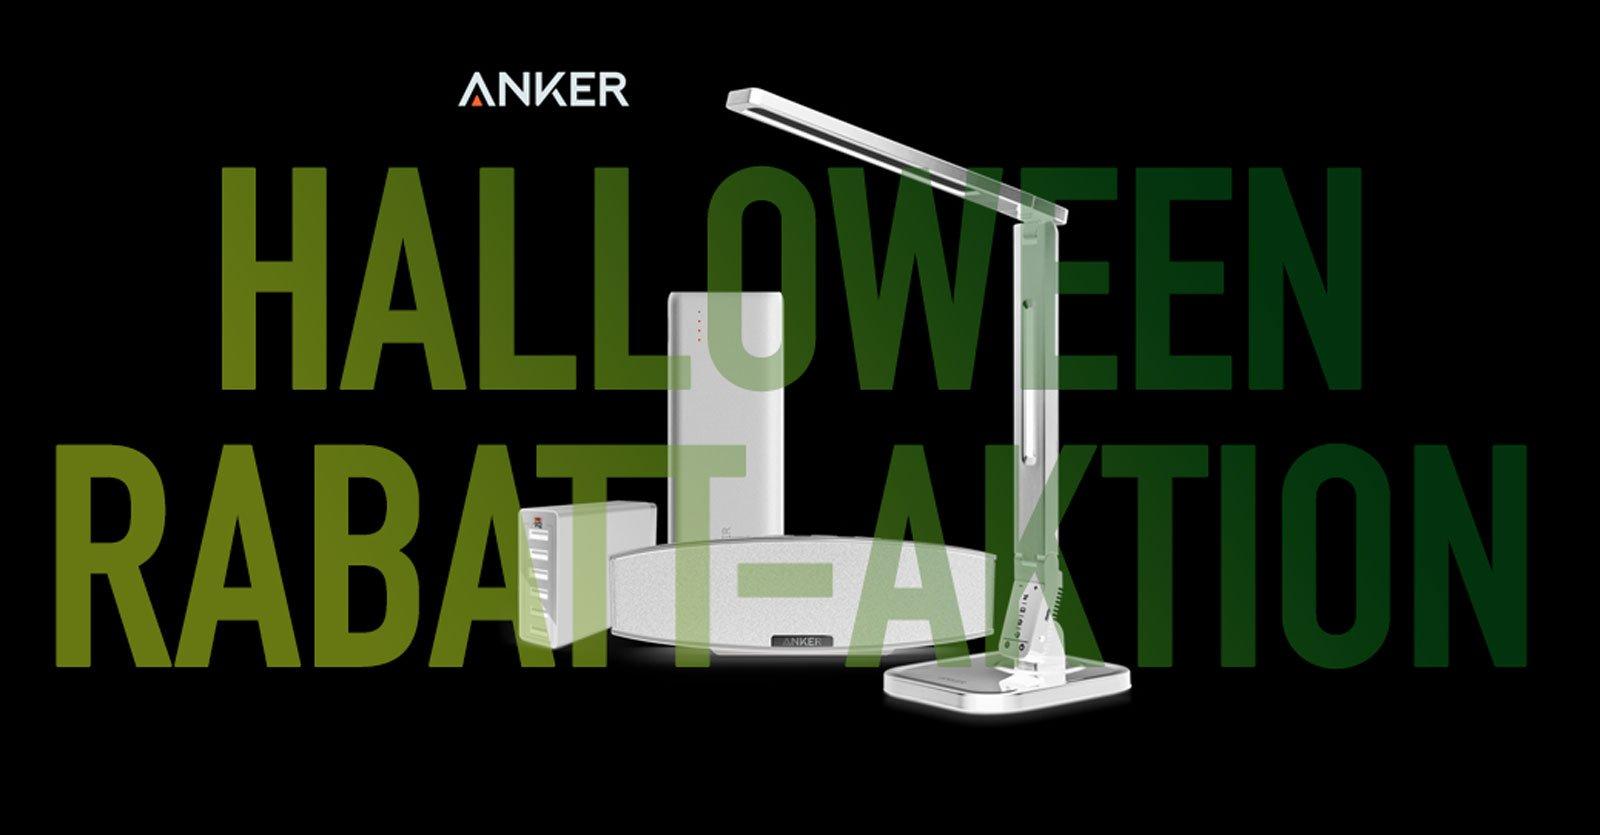 Anker: dicke Zubehör Rabatt-Aktion zu Halloween 1